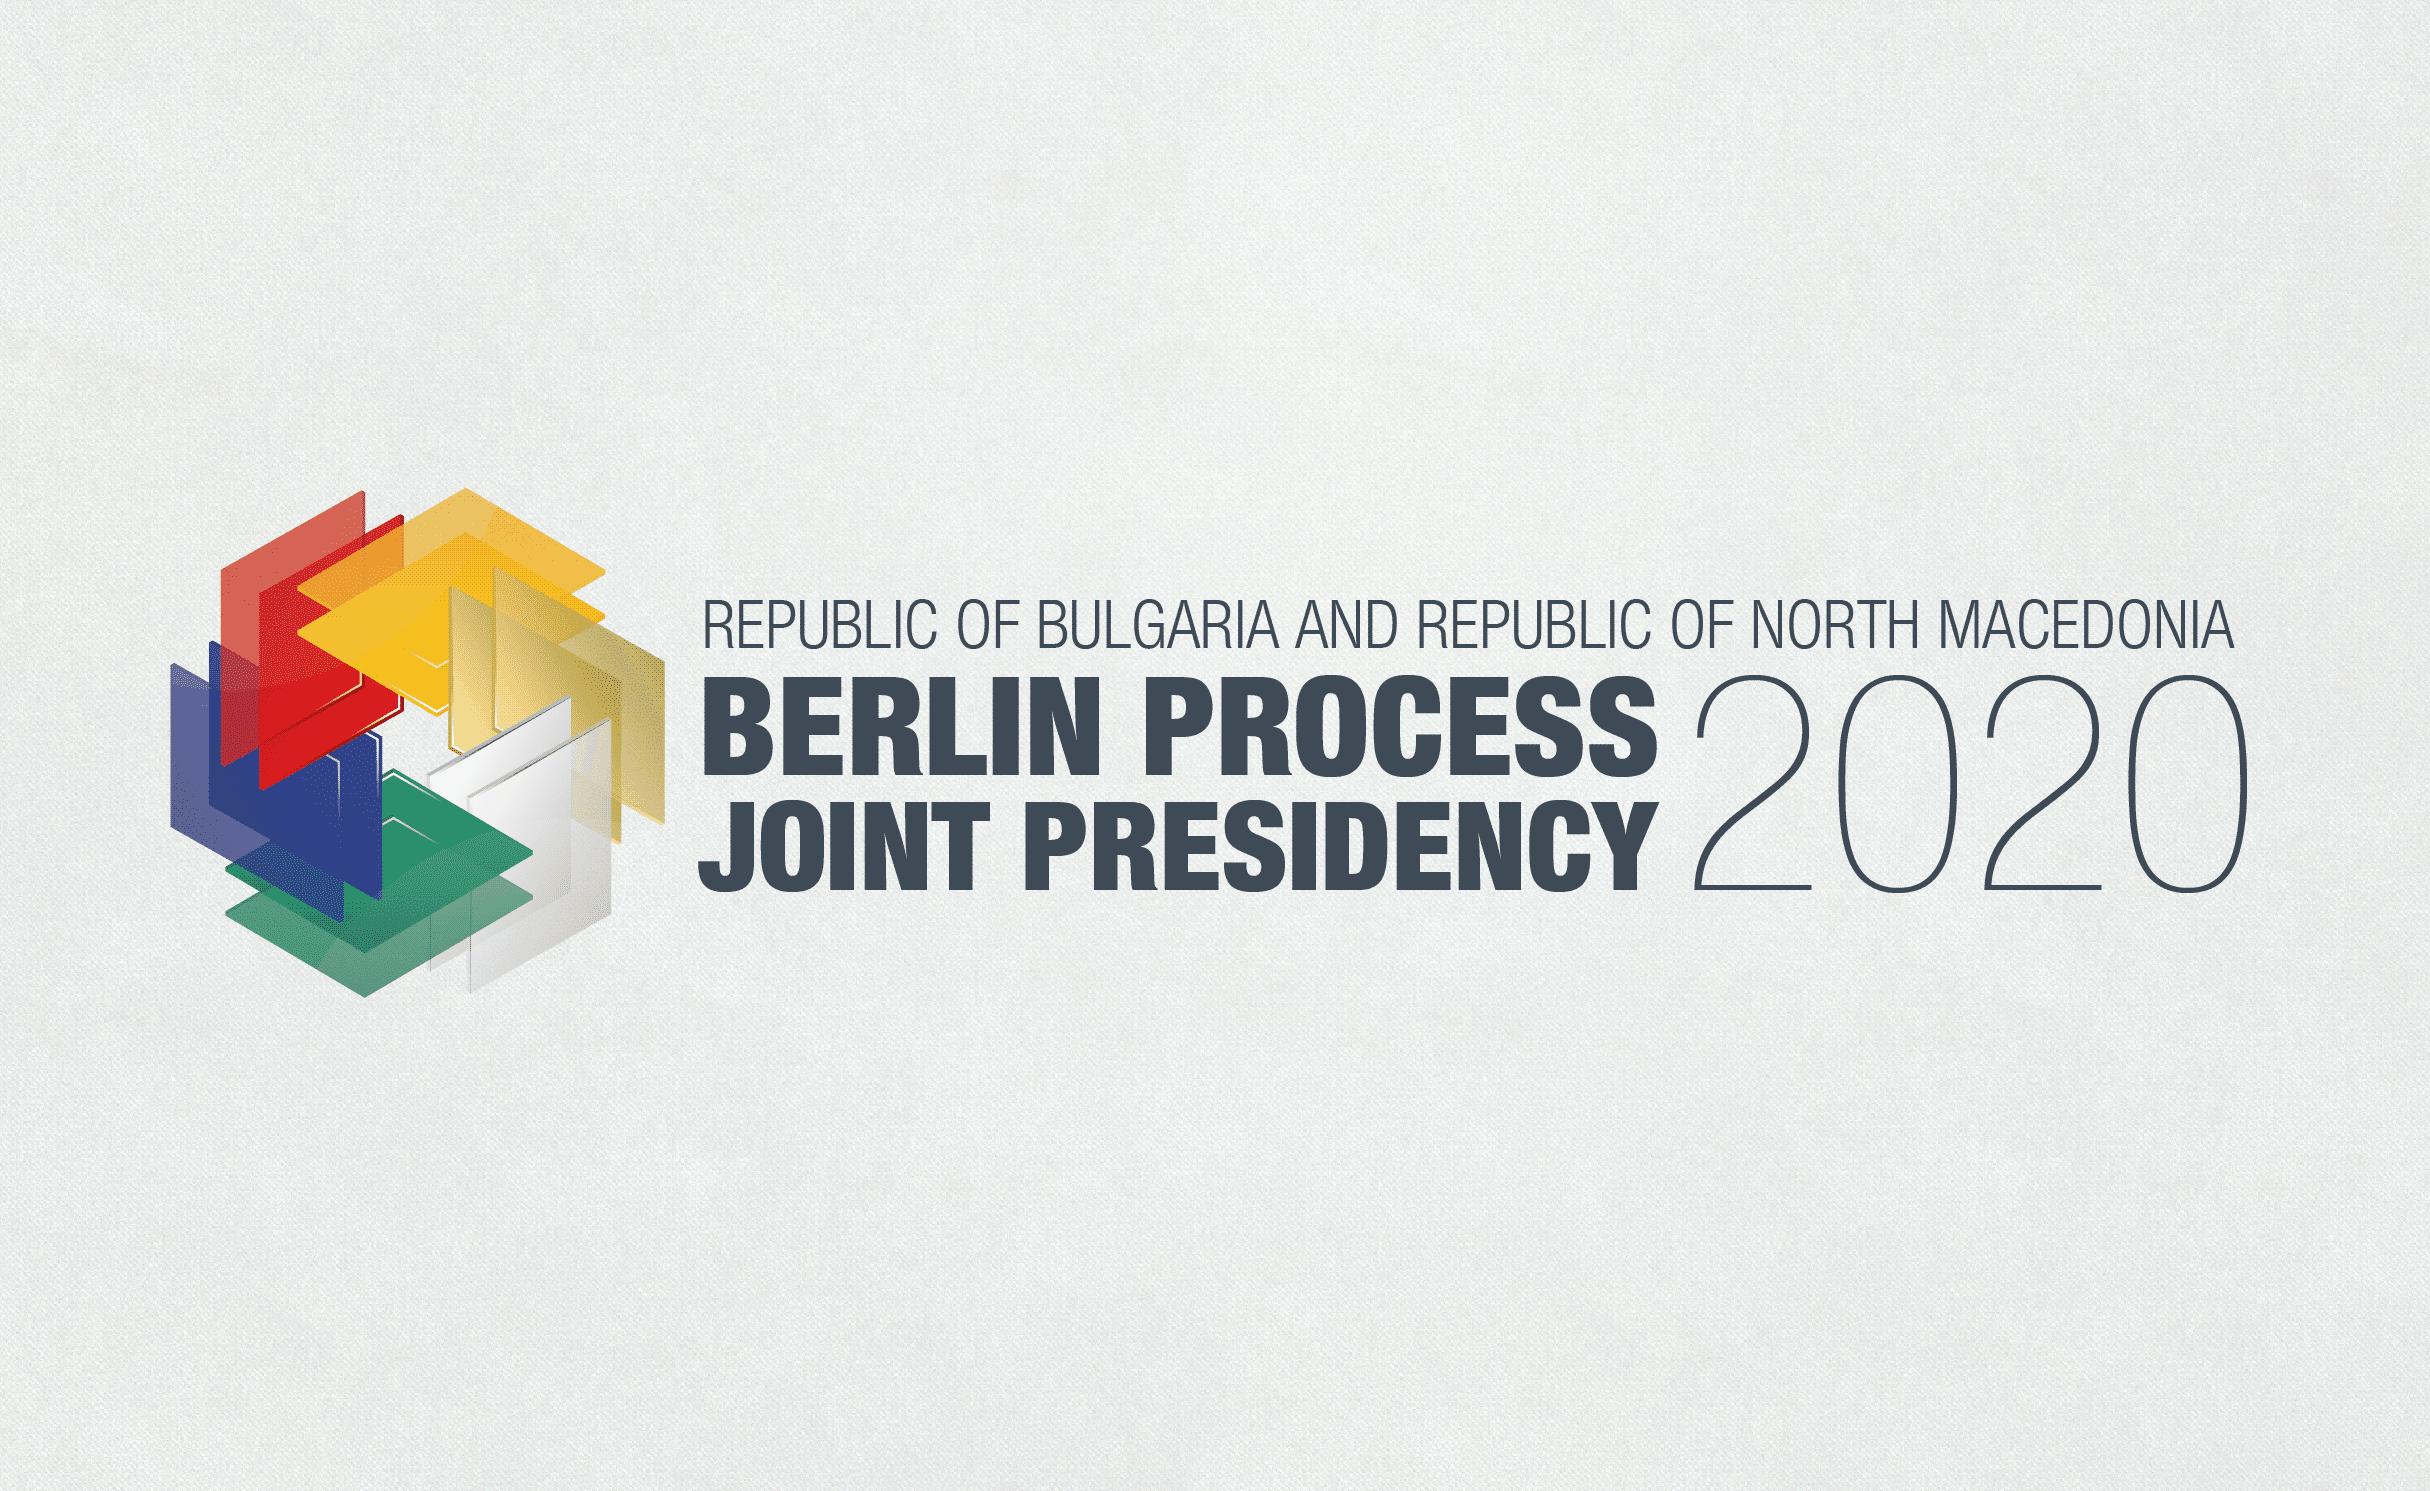 Δυτικά Βαλκάνια: Διαδικτυακή Σύνοδος των ΥΠΕΞ της Διαδικασίας του Βερολίνου στις 9 Νοεμβρίου